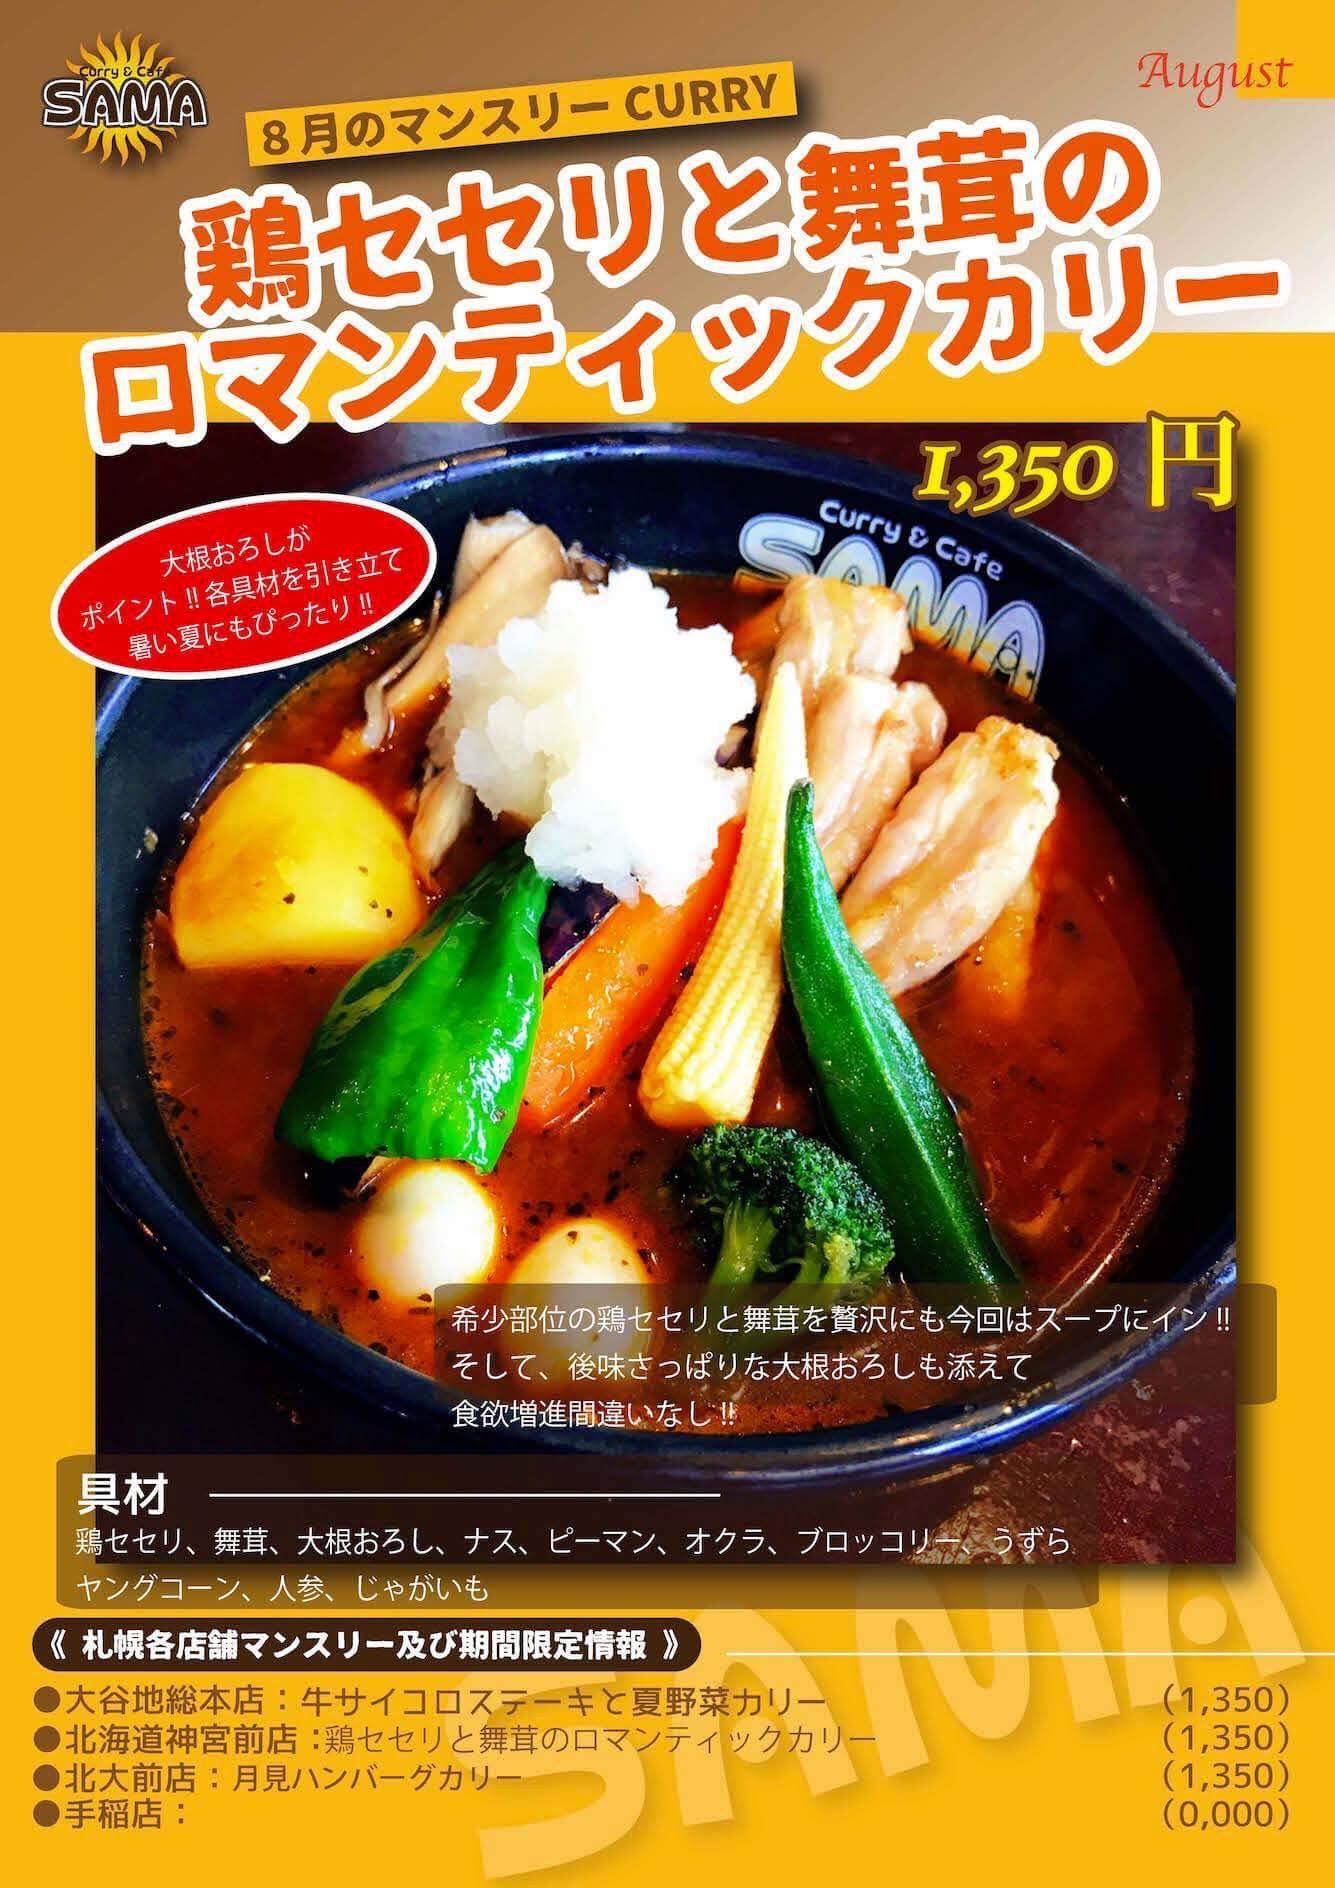 北海道神宮前店8月マンスリーカリー